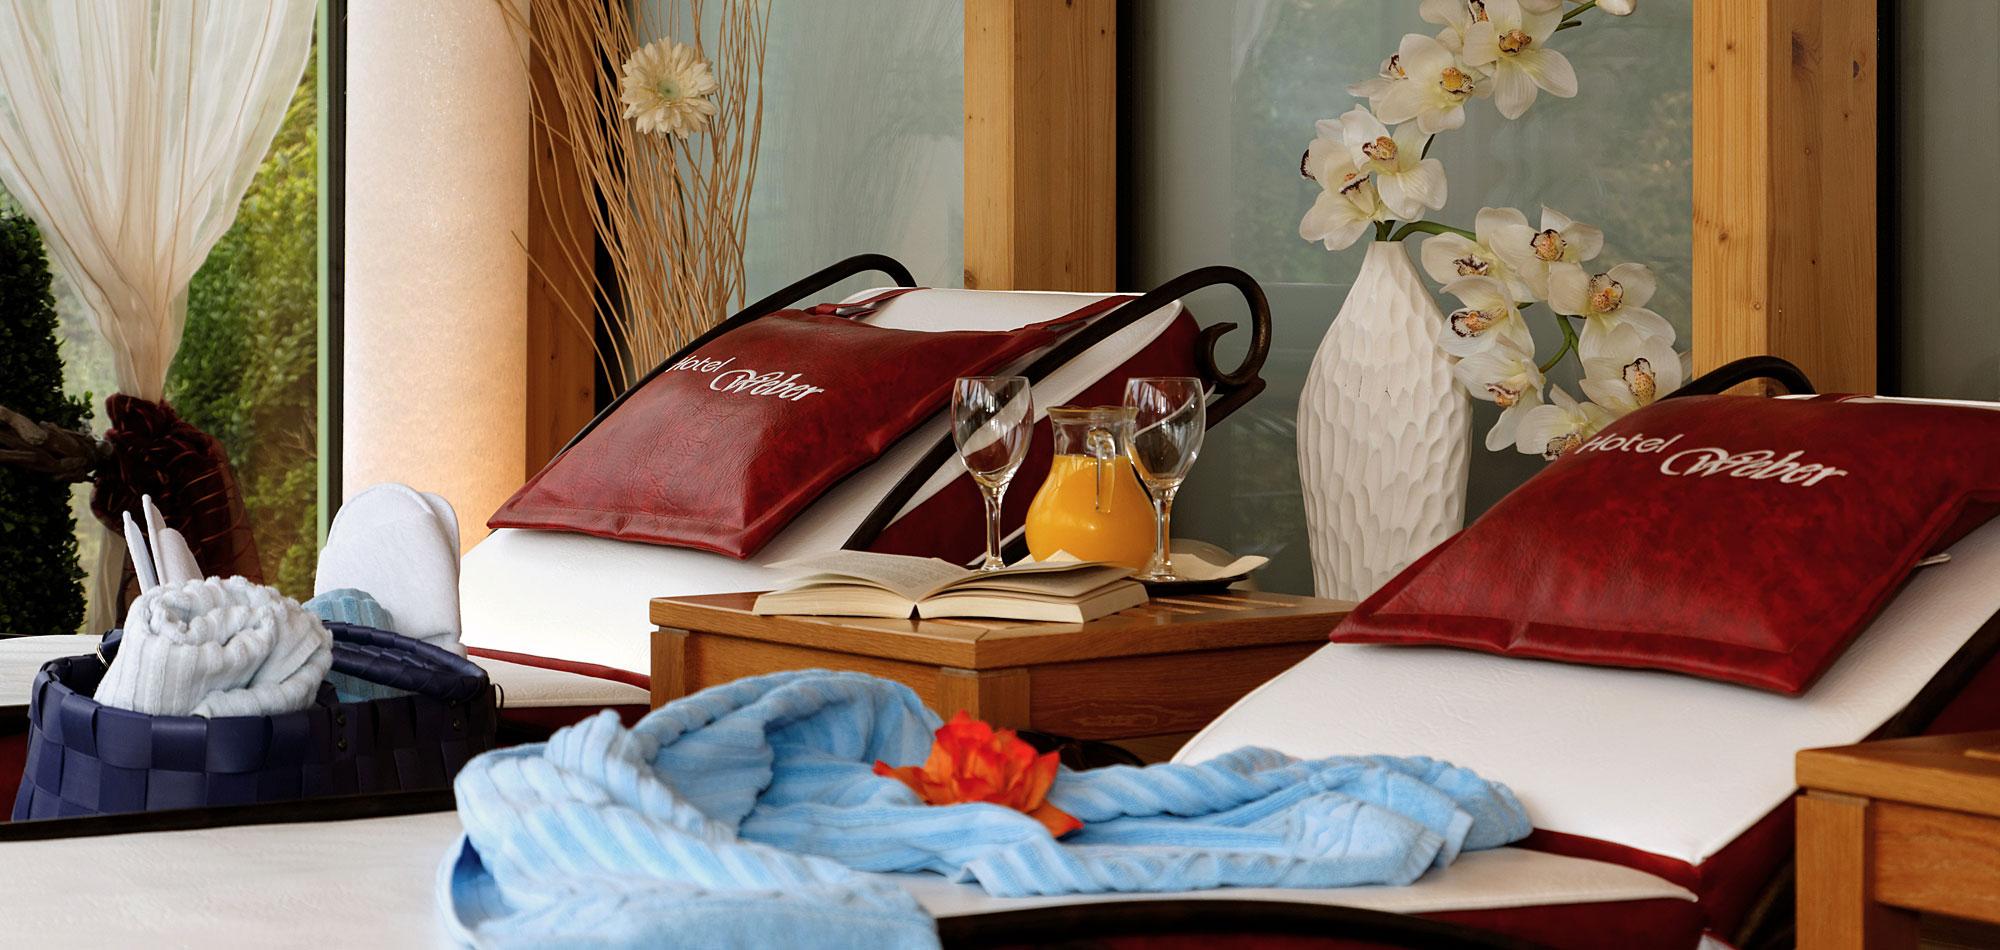 Wellnesshotel in herrlicher Landschaft - Gästebuch